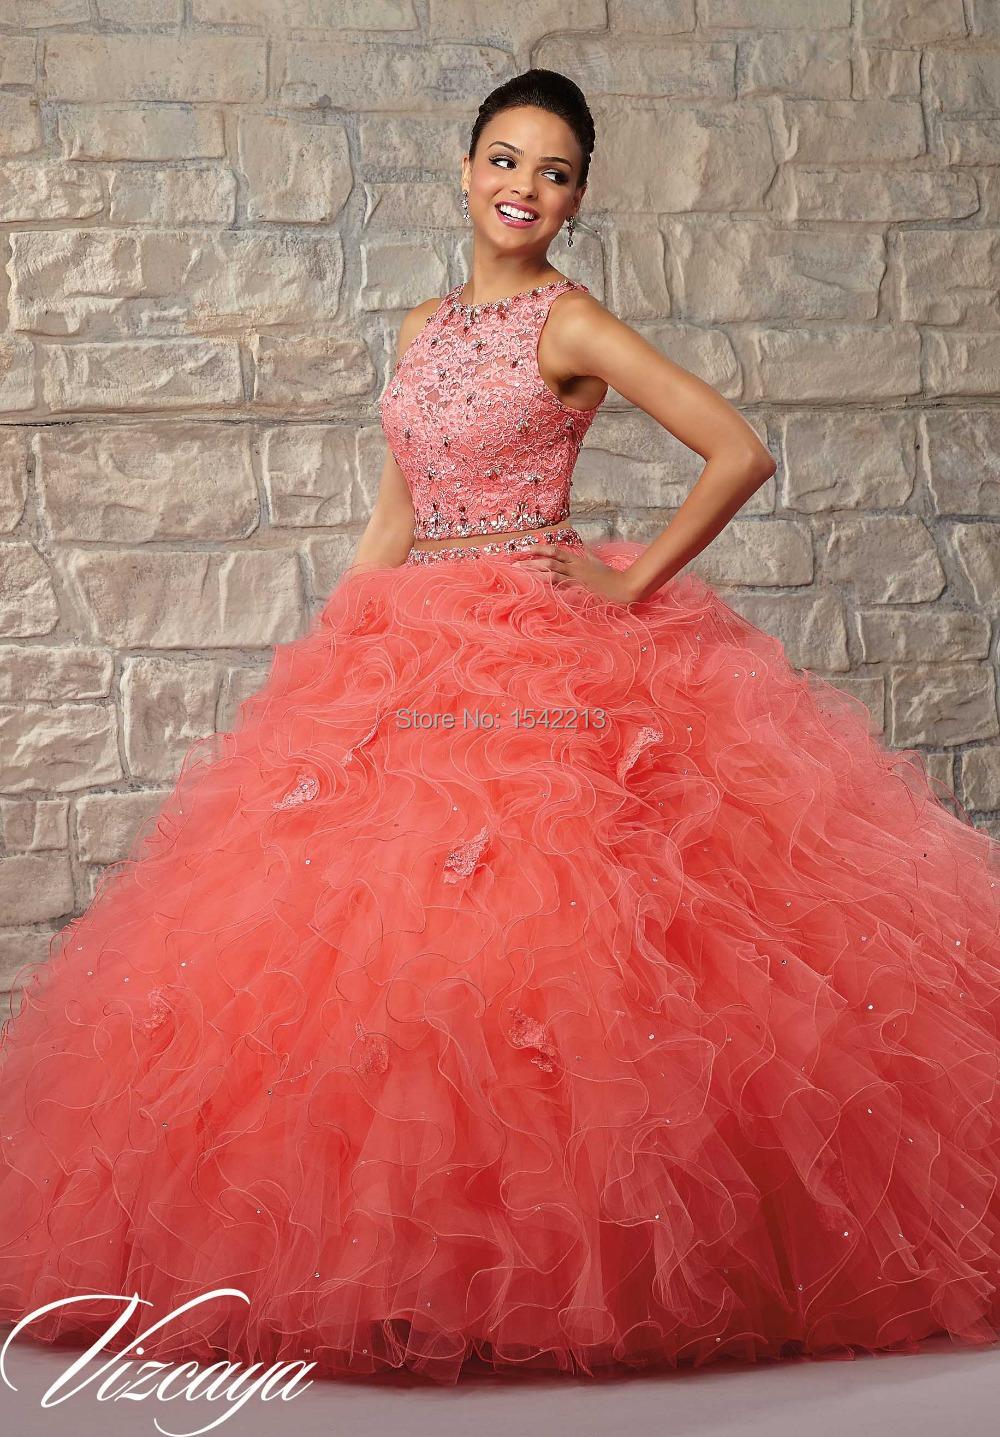 Online Get Cheap White Dress Ball Gown Debutante -Aliexpress.com ...